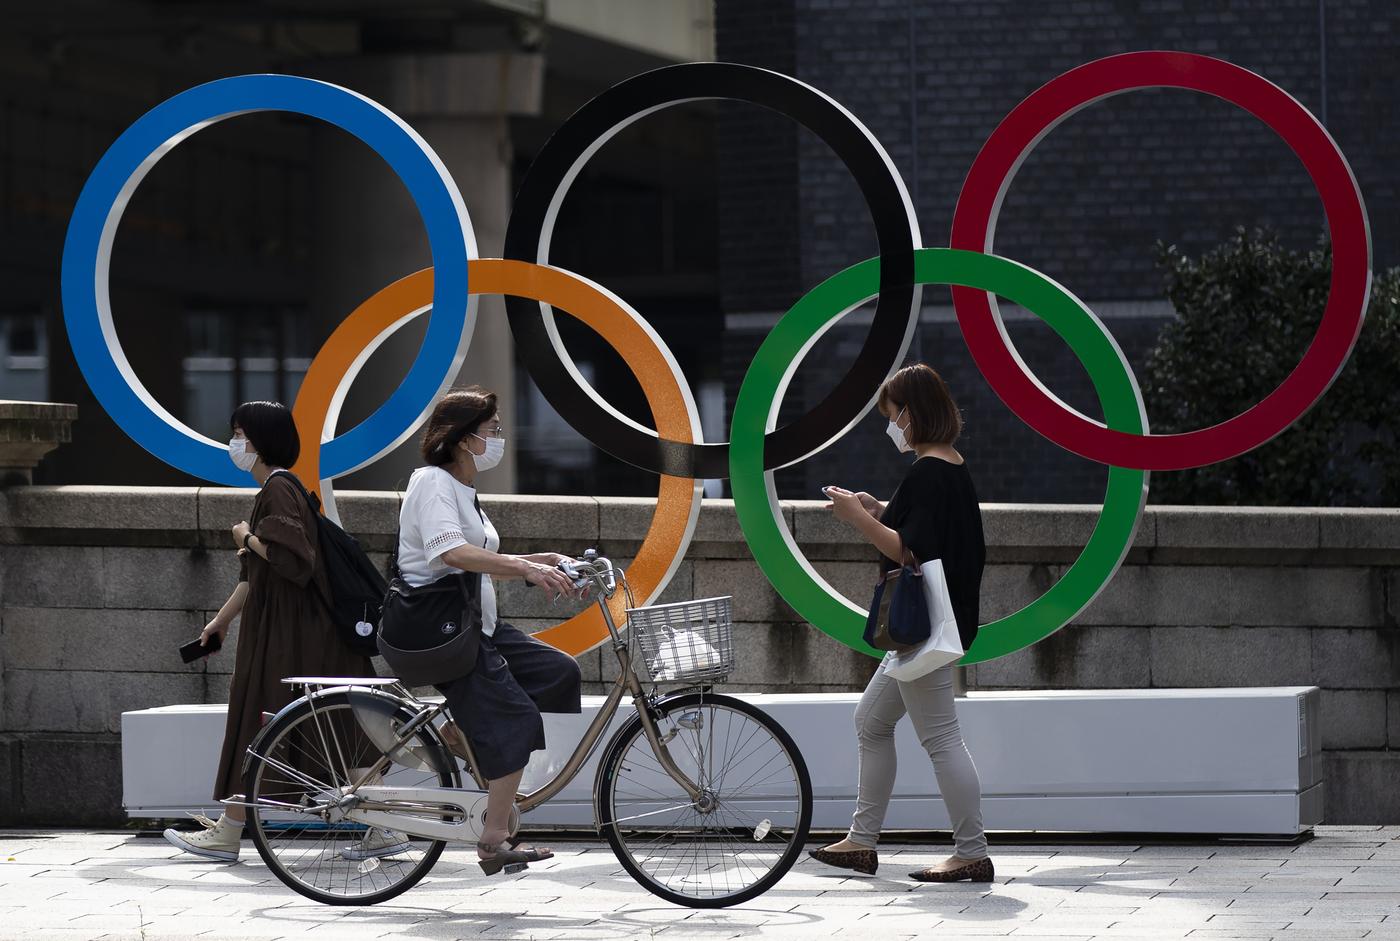 Calendario Olimpiadi 29 luglio: orari, tv, programma, streaming. Tutte le gare e le finali